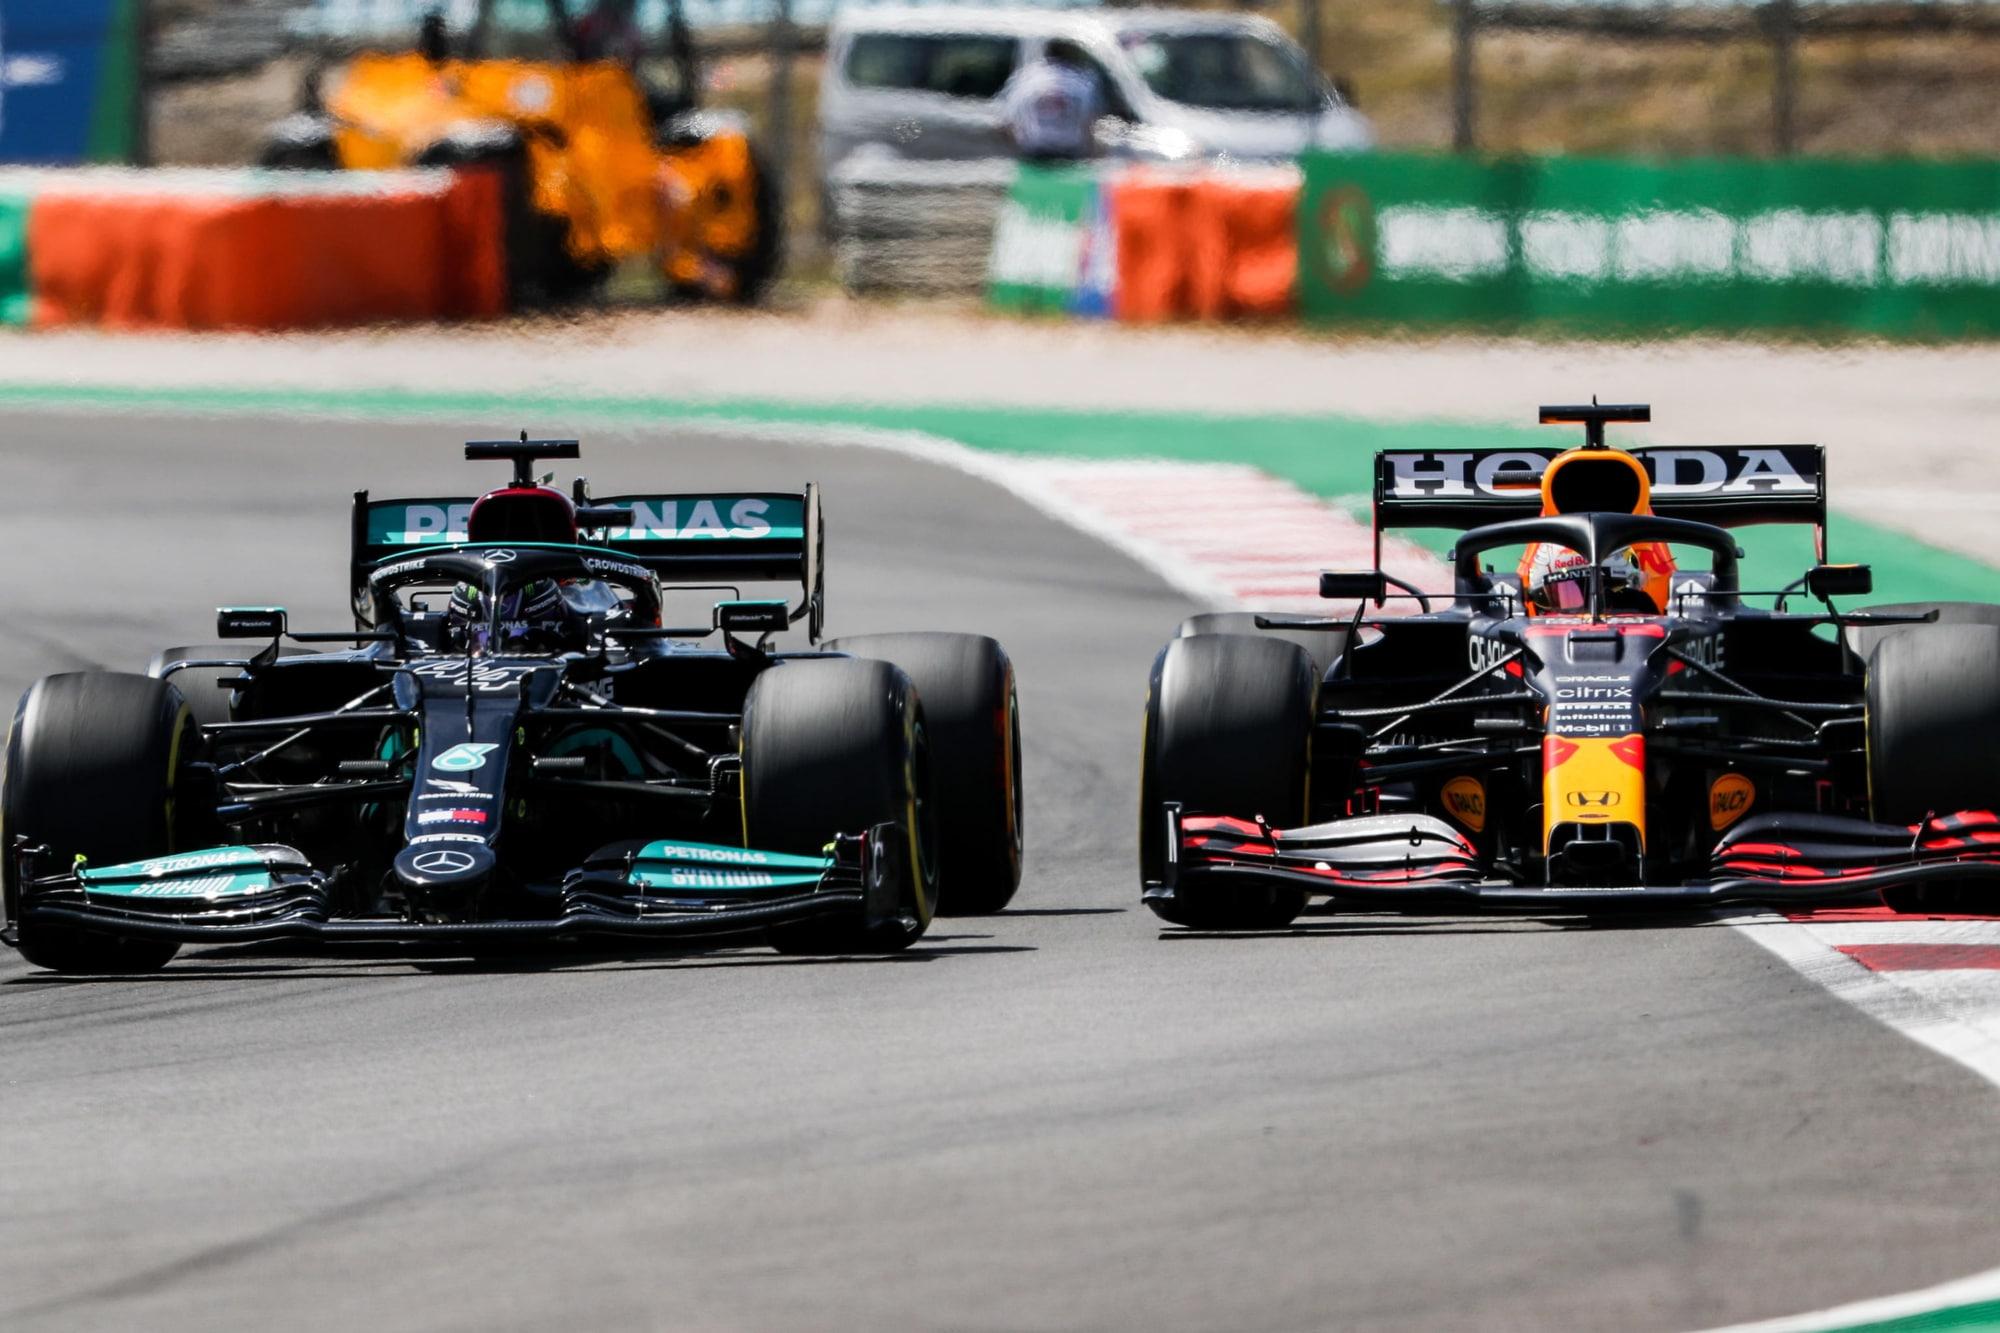 152154337 fef2e252 c931 49e7 90a4 6976db528fad - F1: Hamilton e Verstappen, poi il vuoto. Sarà lotta a due per il Mondiale